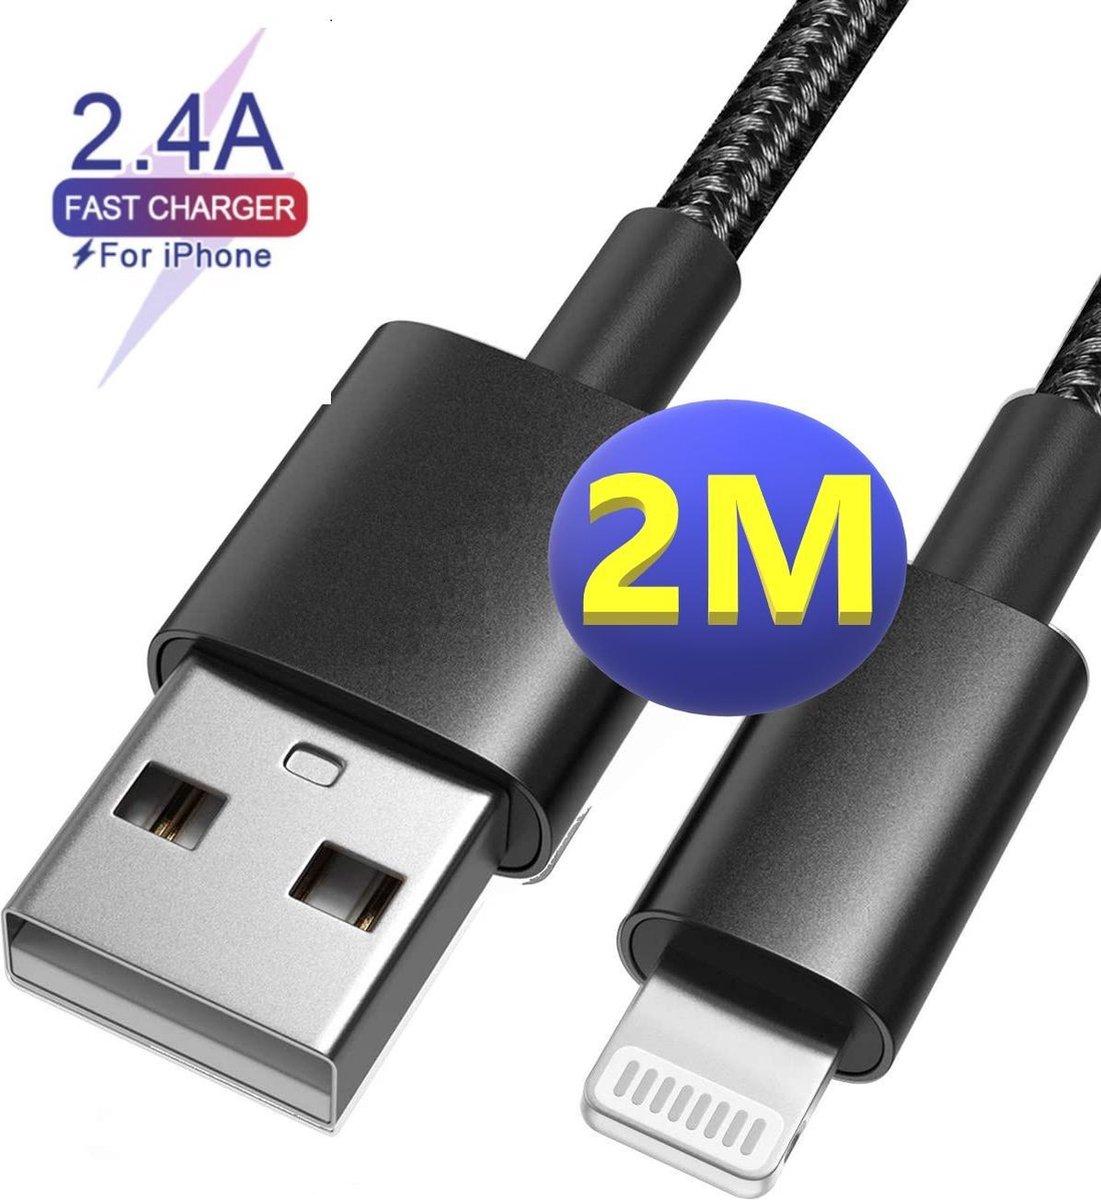 iPhone oplader kabel - 2M - geschikt voor Apple iPhone 6,7,8,X,XS,XR,11,12,Mini,Pro Max - iPhone kabel - iPhone oplaadkabel - iPhone snoertje - iPhone lader